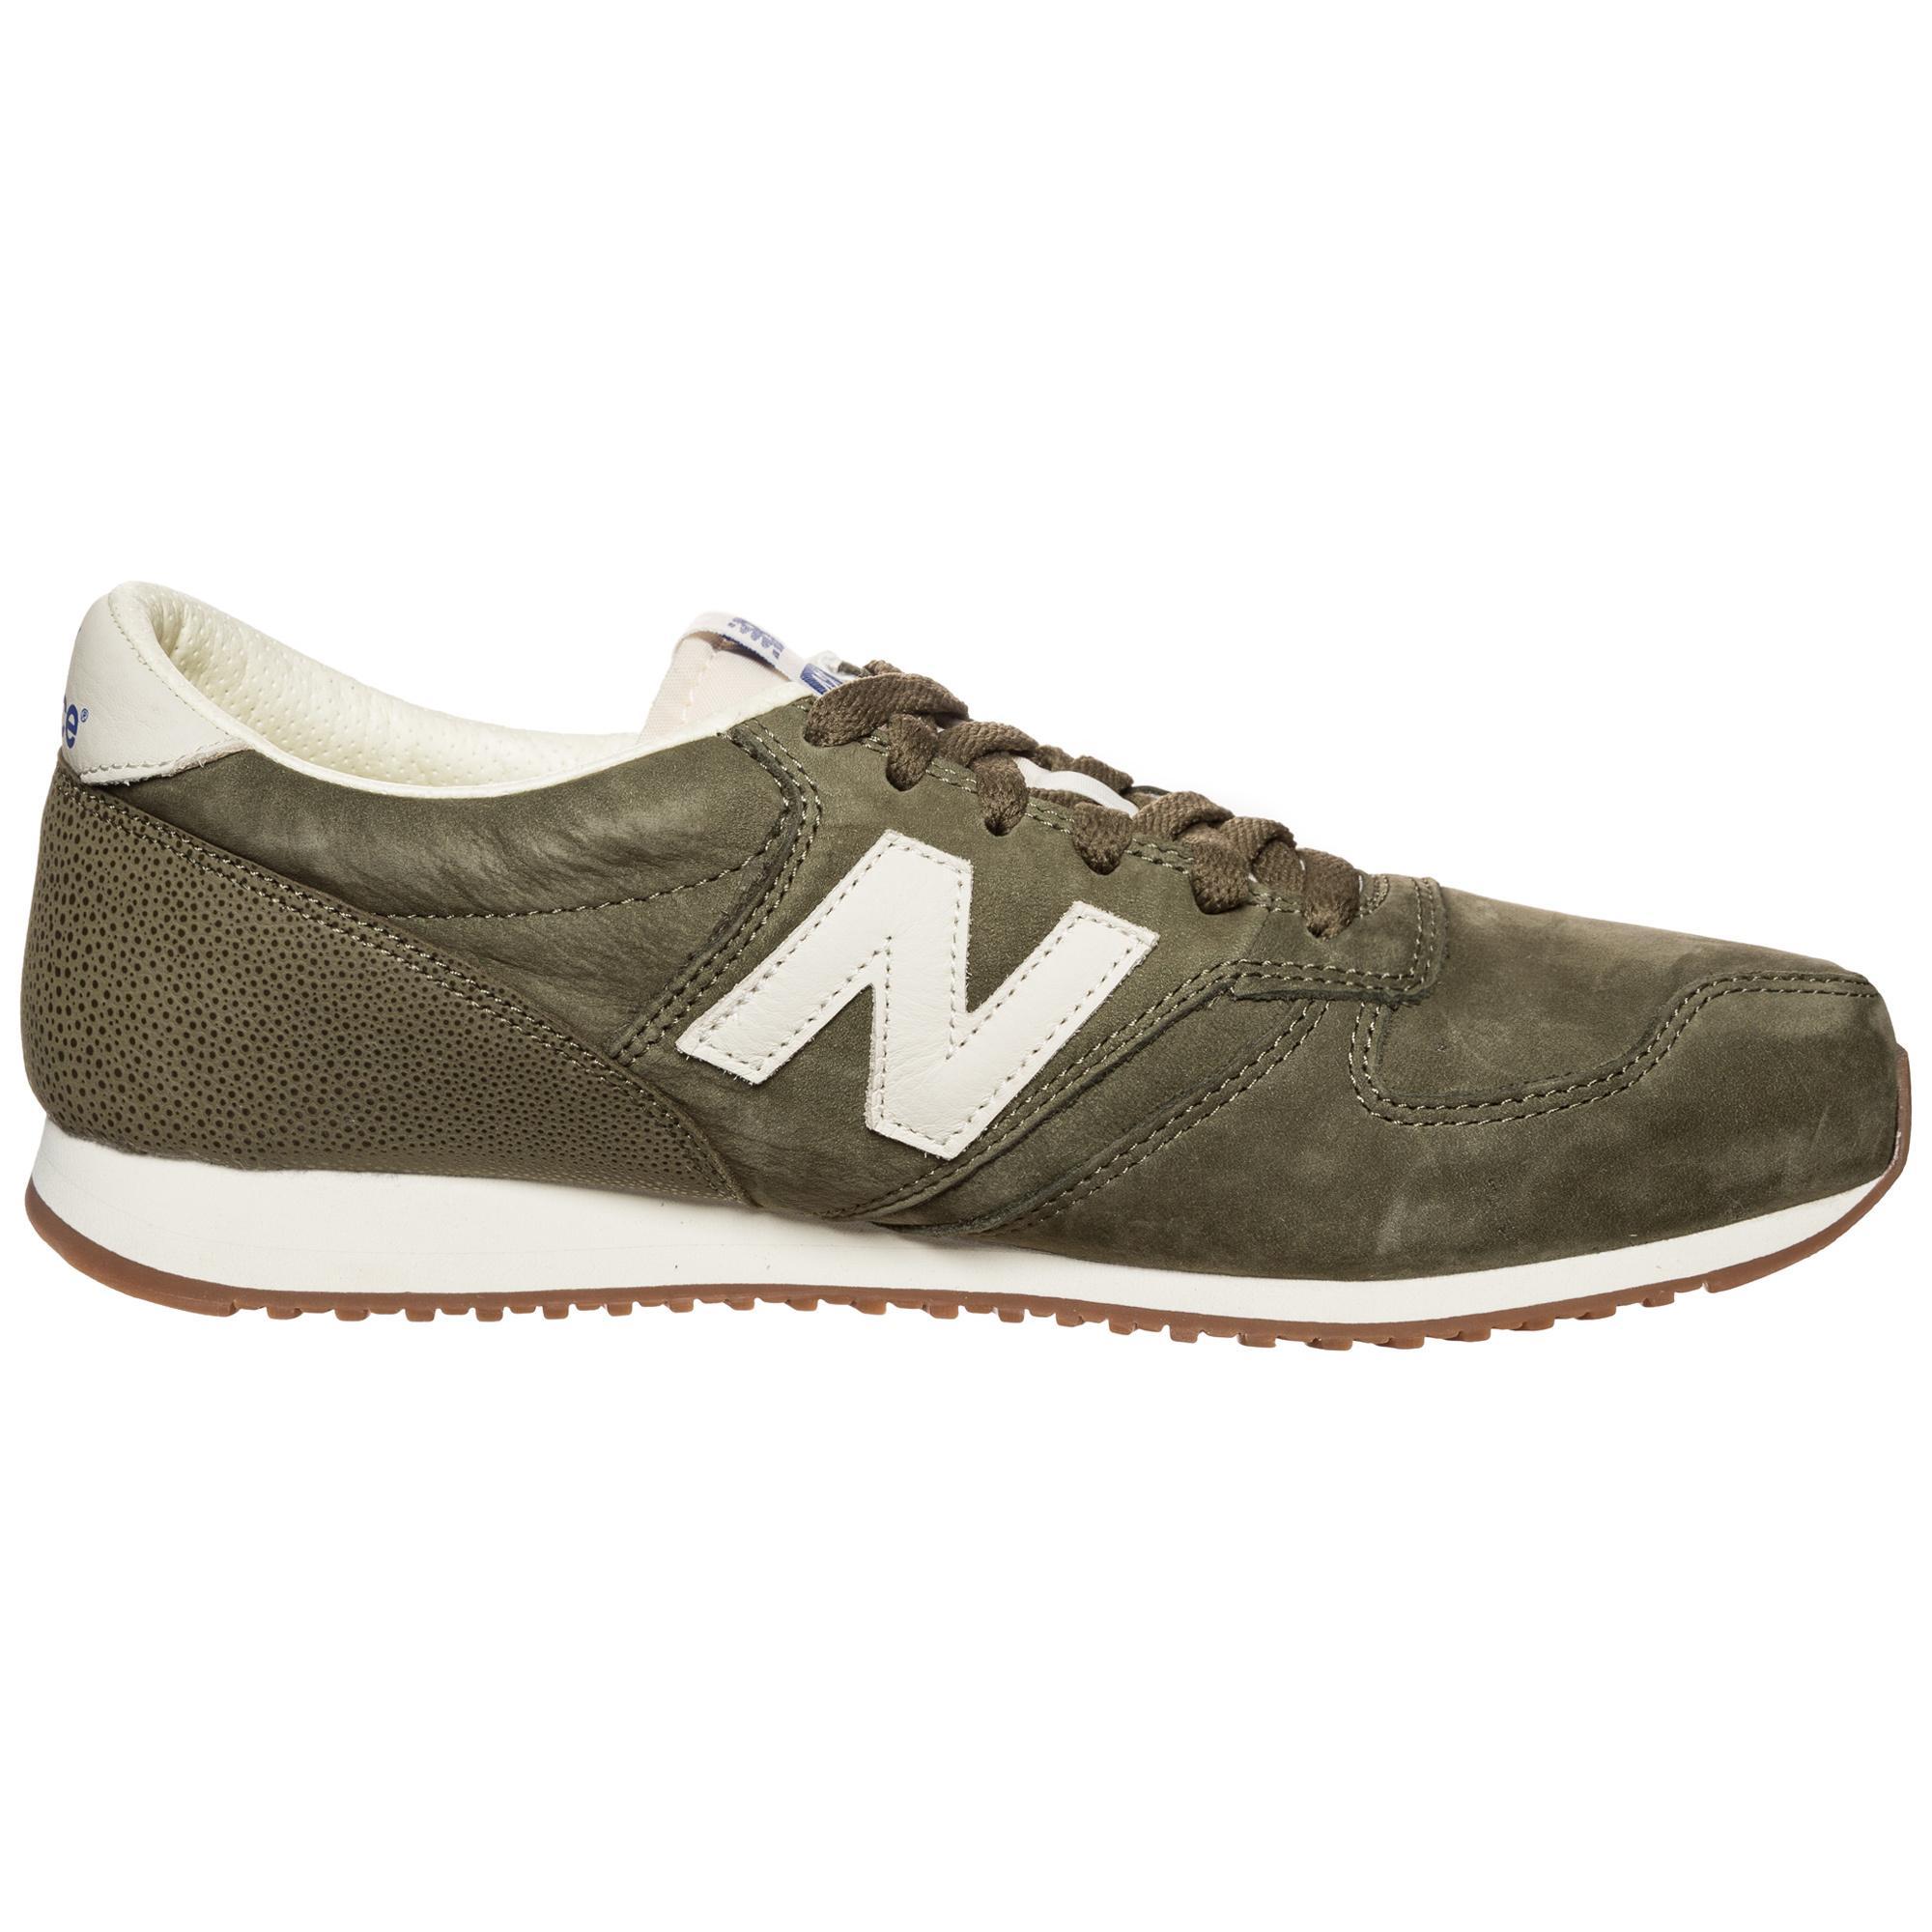 NEW BALANCE U420-LOM-D Turnschuhe Herren Herren Herren oliv im Online Shop von SportScheck kaufen Gute Qualität beliebte Schuhe 5202ca